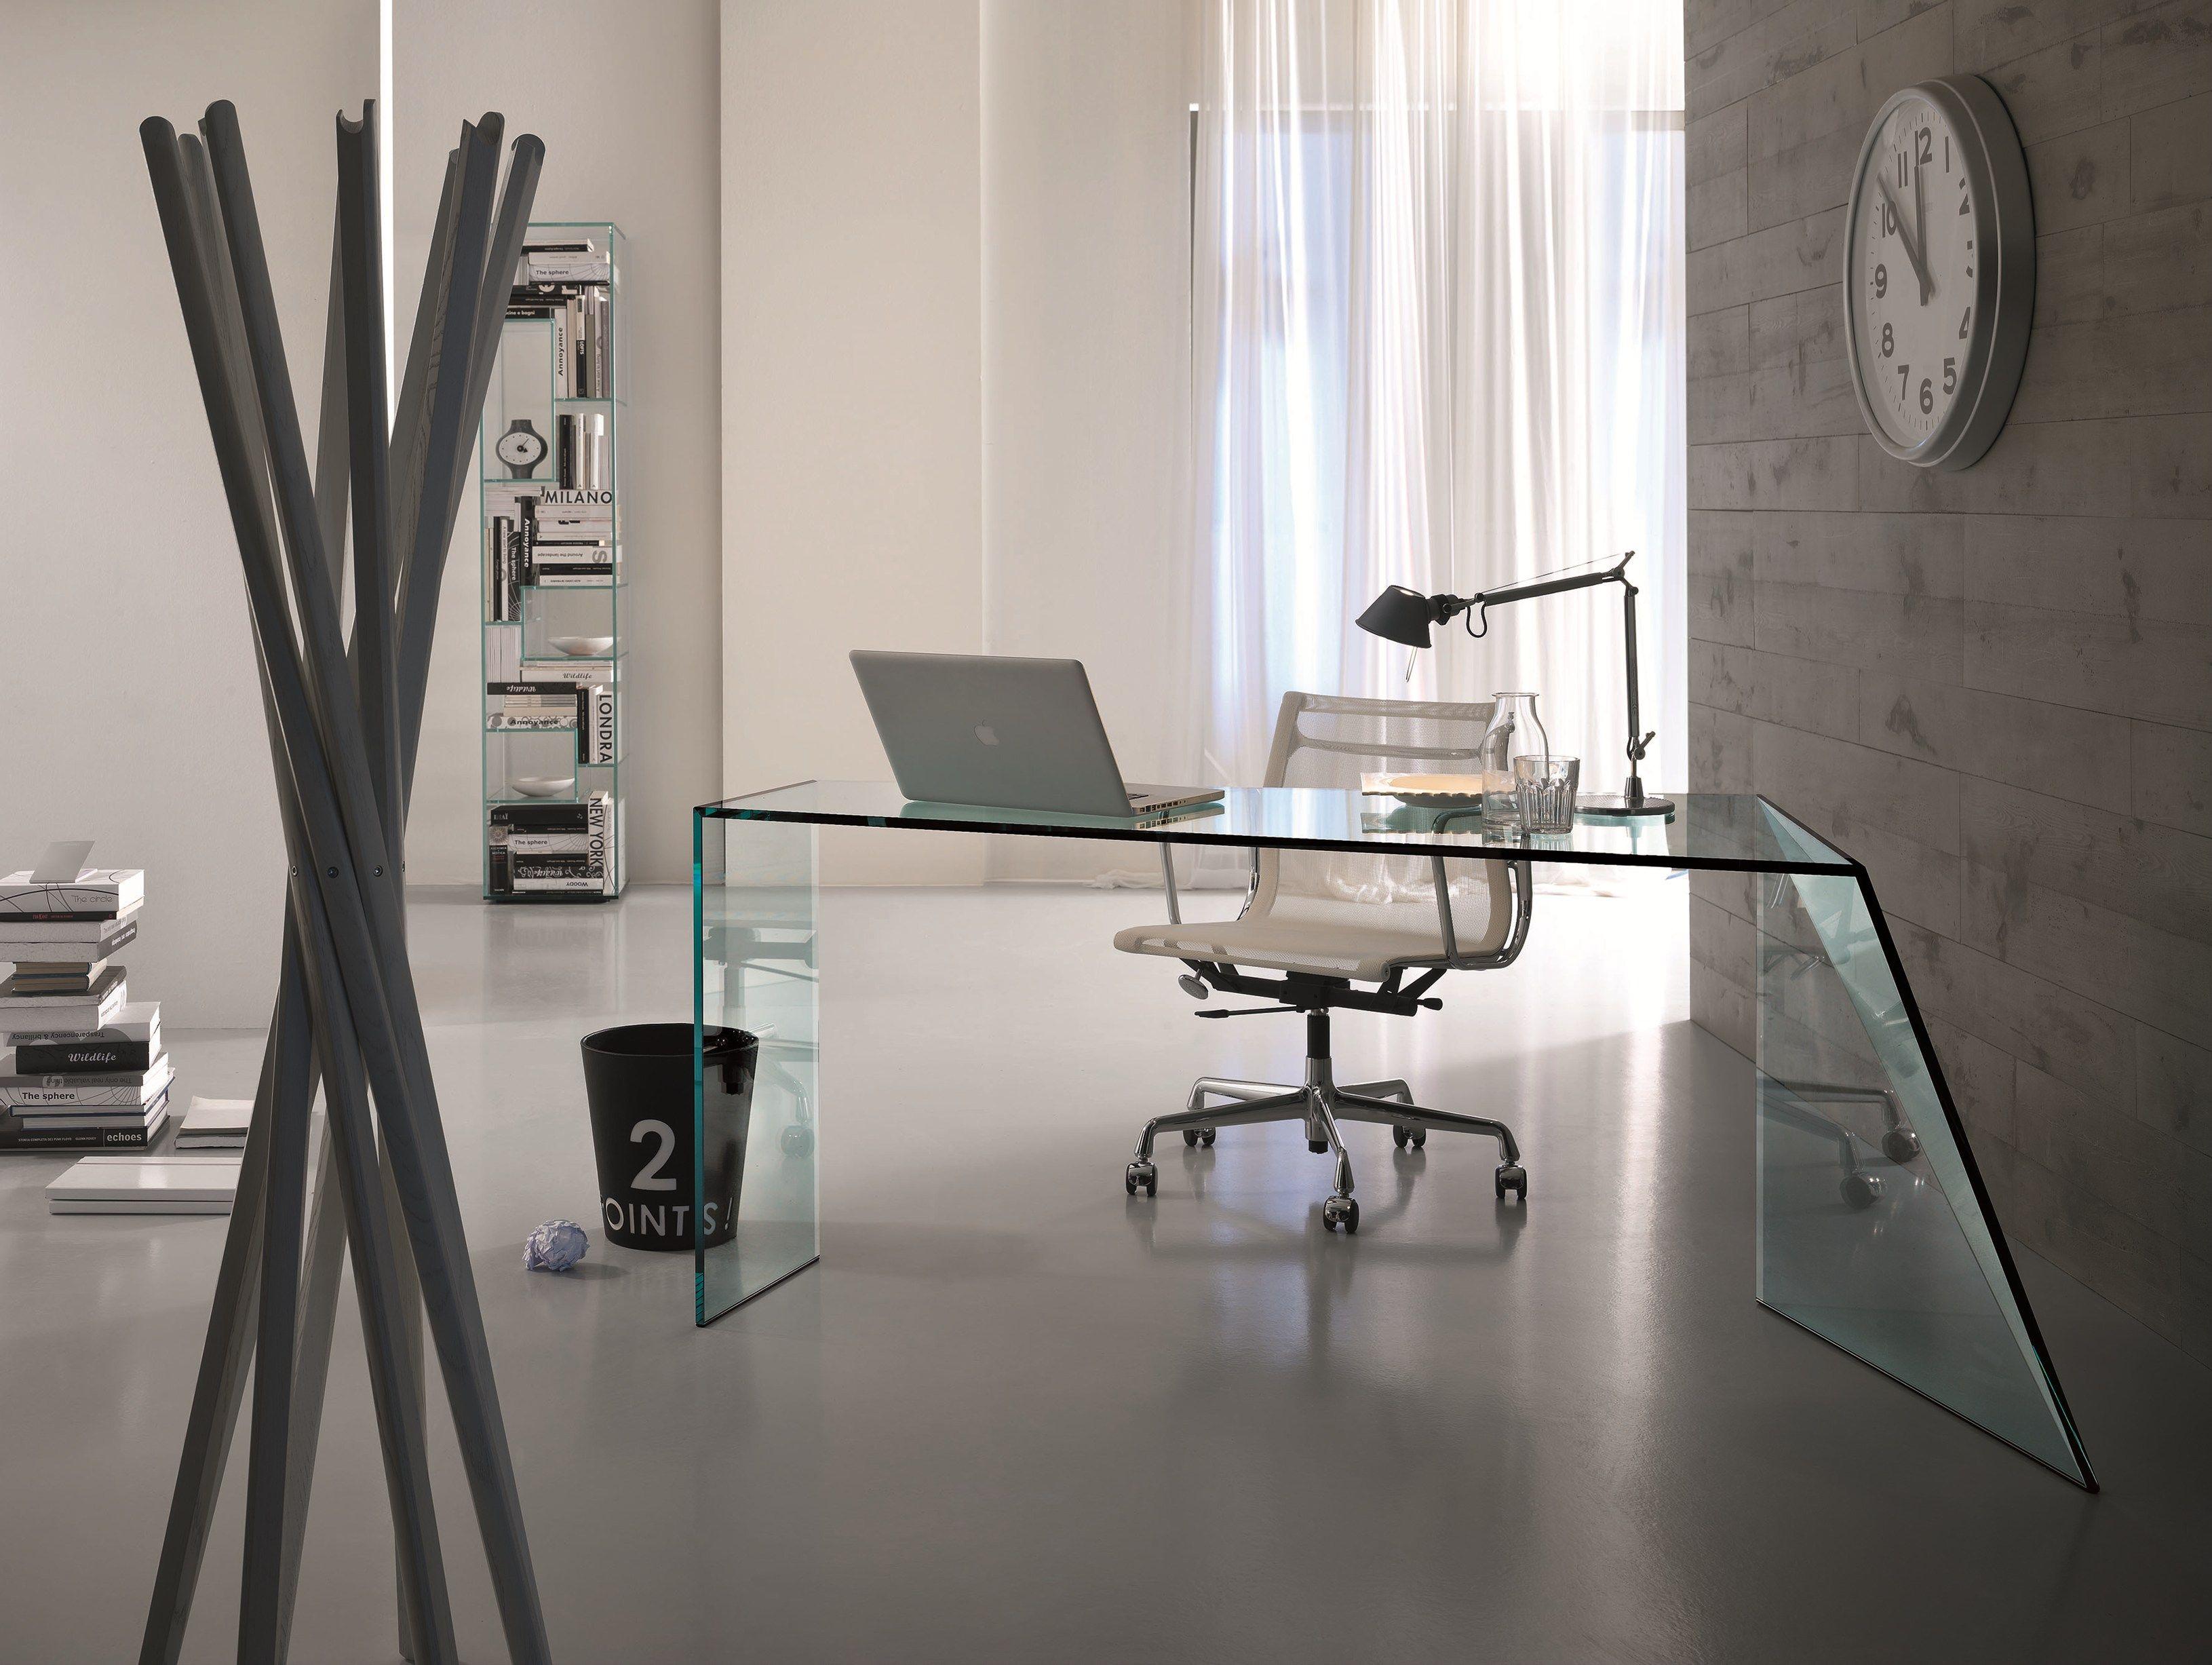 Penrose scrivania by t d tonelli design design isao hosoe - Scrivania cristallo ufficio ...